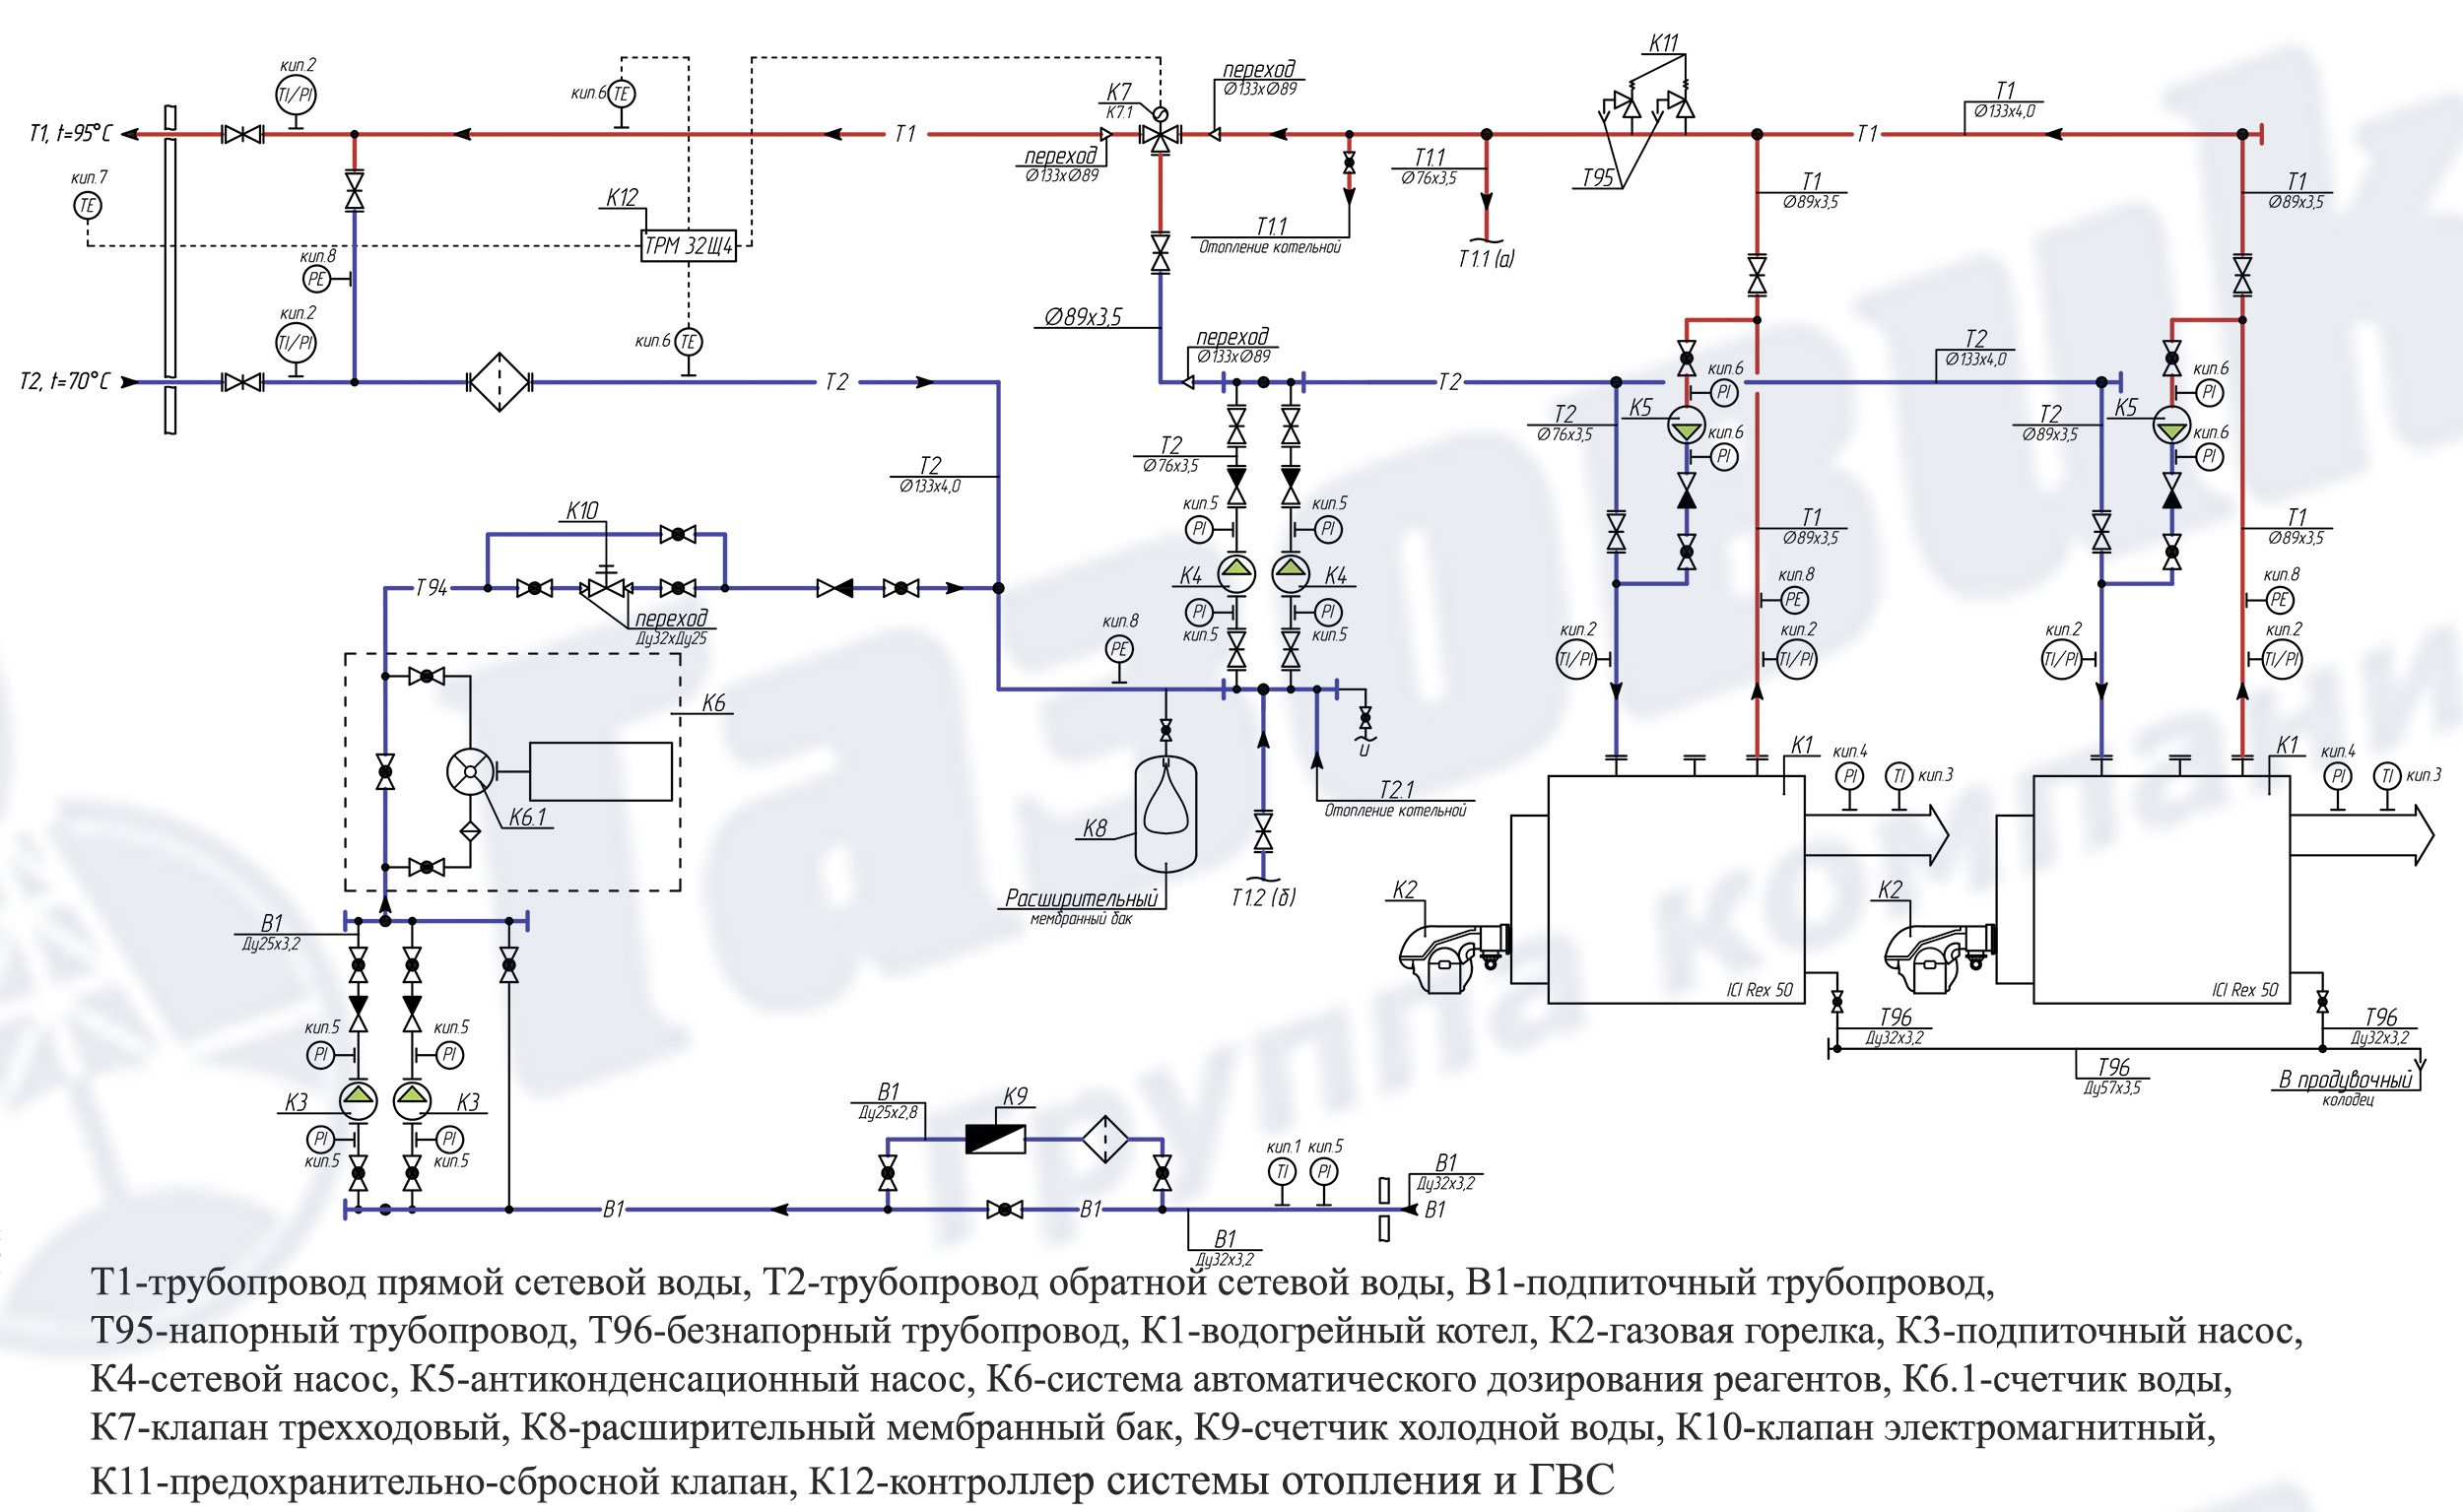 Схема котельной газовый котел отопления 40 квт теплообменник гвс теплообменники дешево